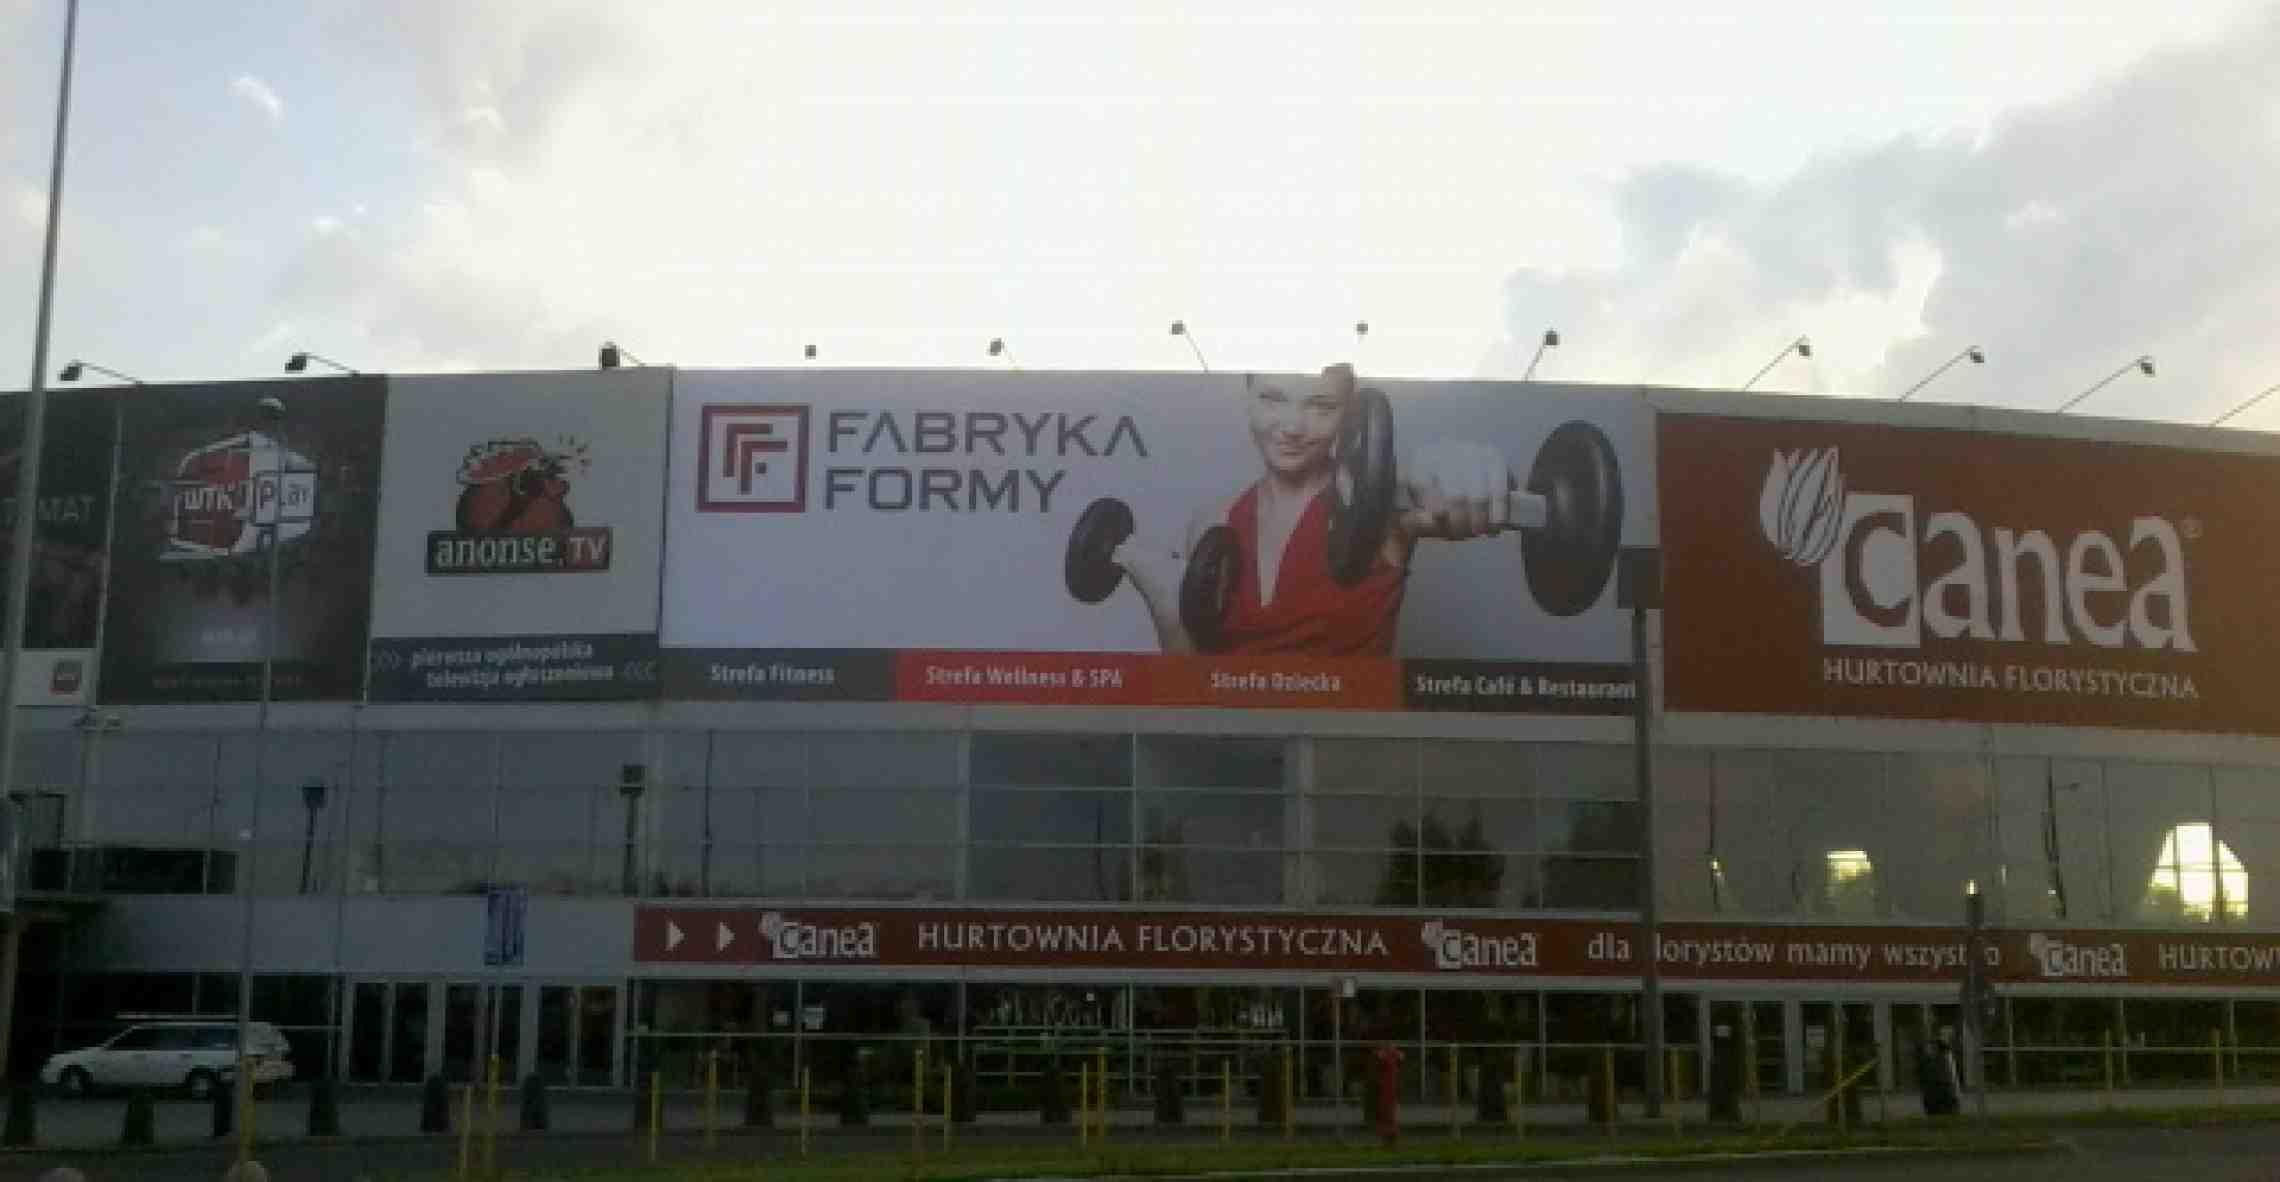 Fabryka Formy 2